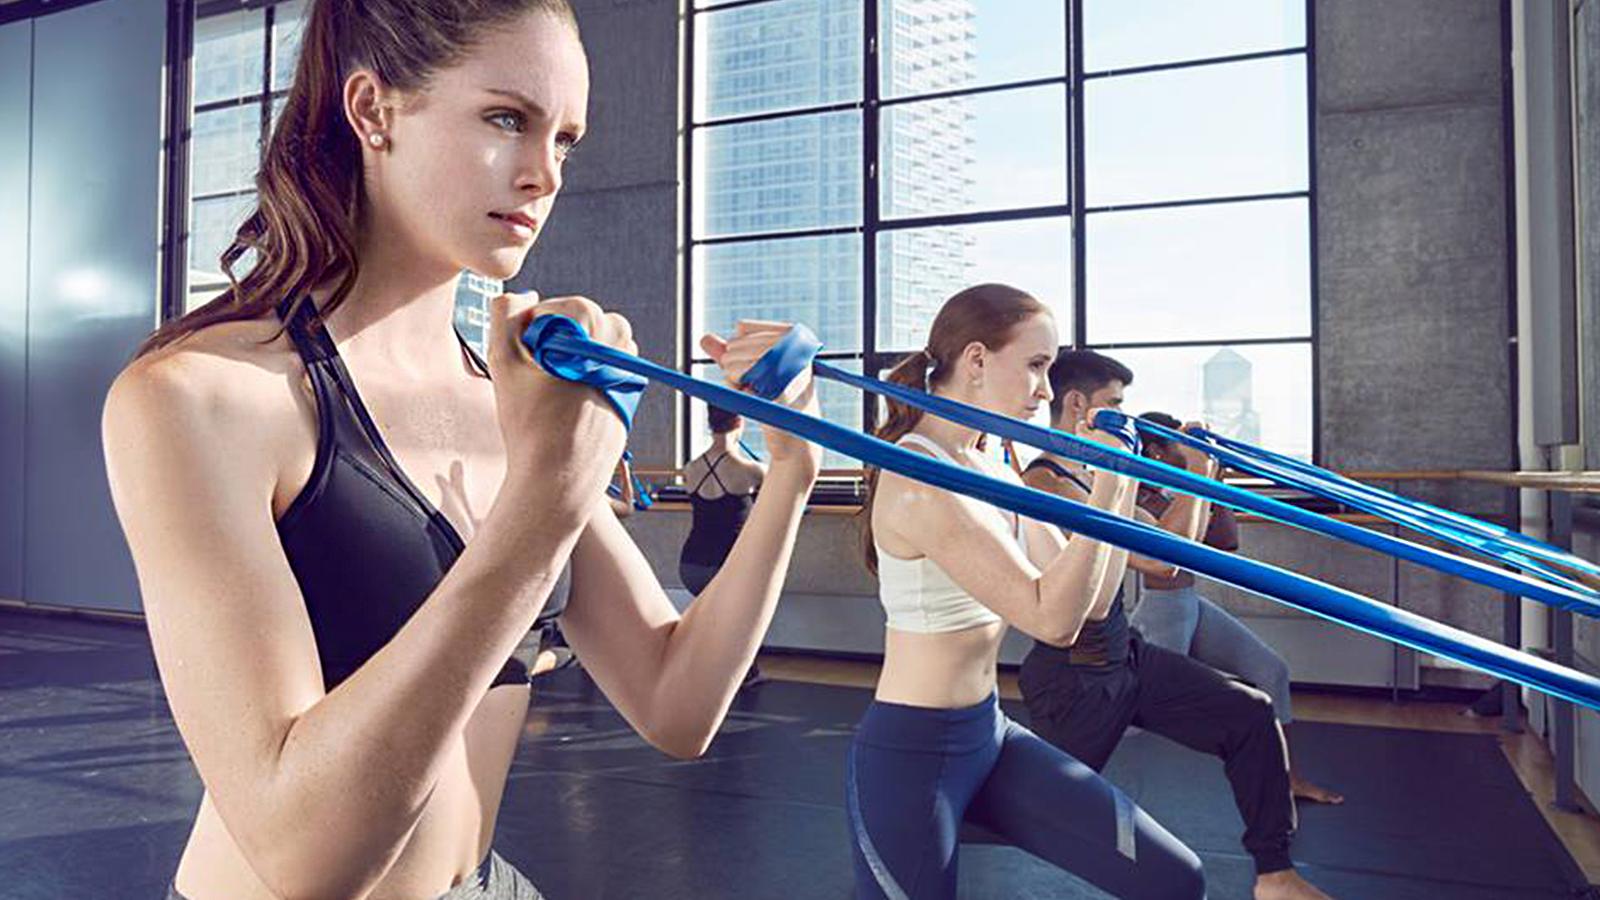 """Im """"Physique 57"""" in New York wird Pilates mit dem Balletttraining an der Stange kombiniert. Das Studio vermarktet seine Kurse gekonnt über Instagram und Facebook"""